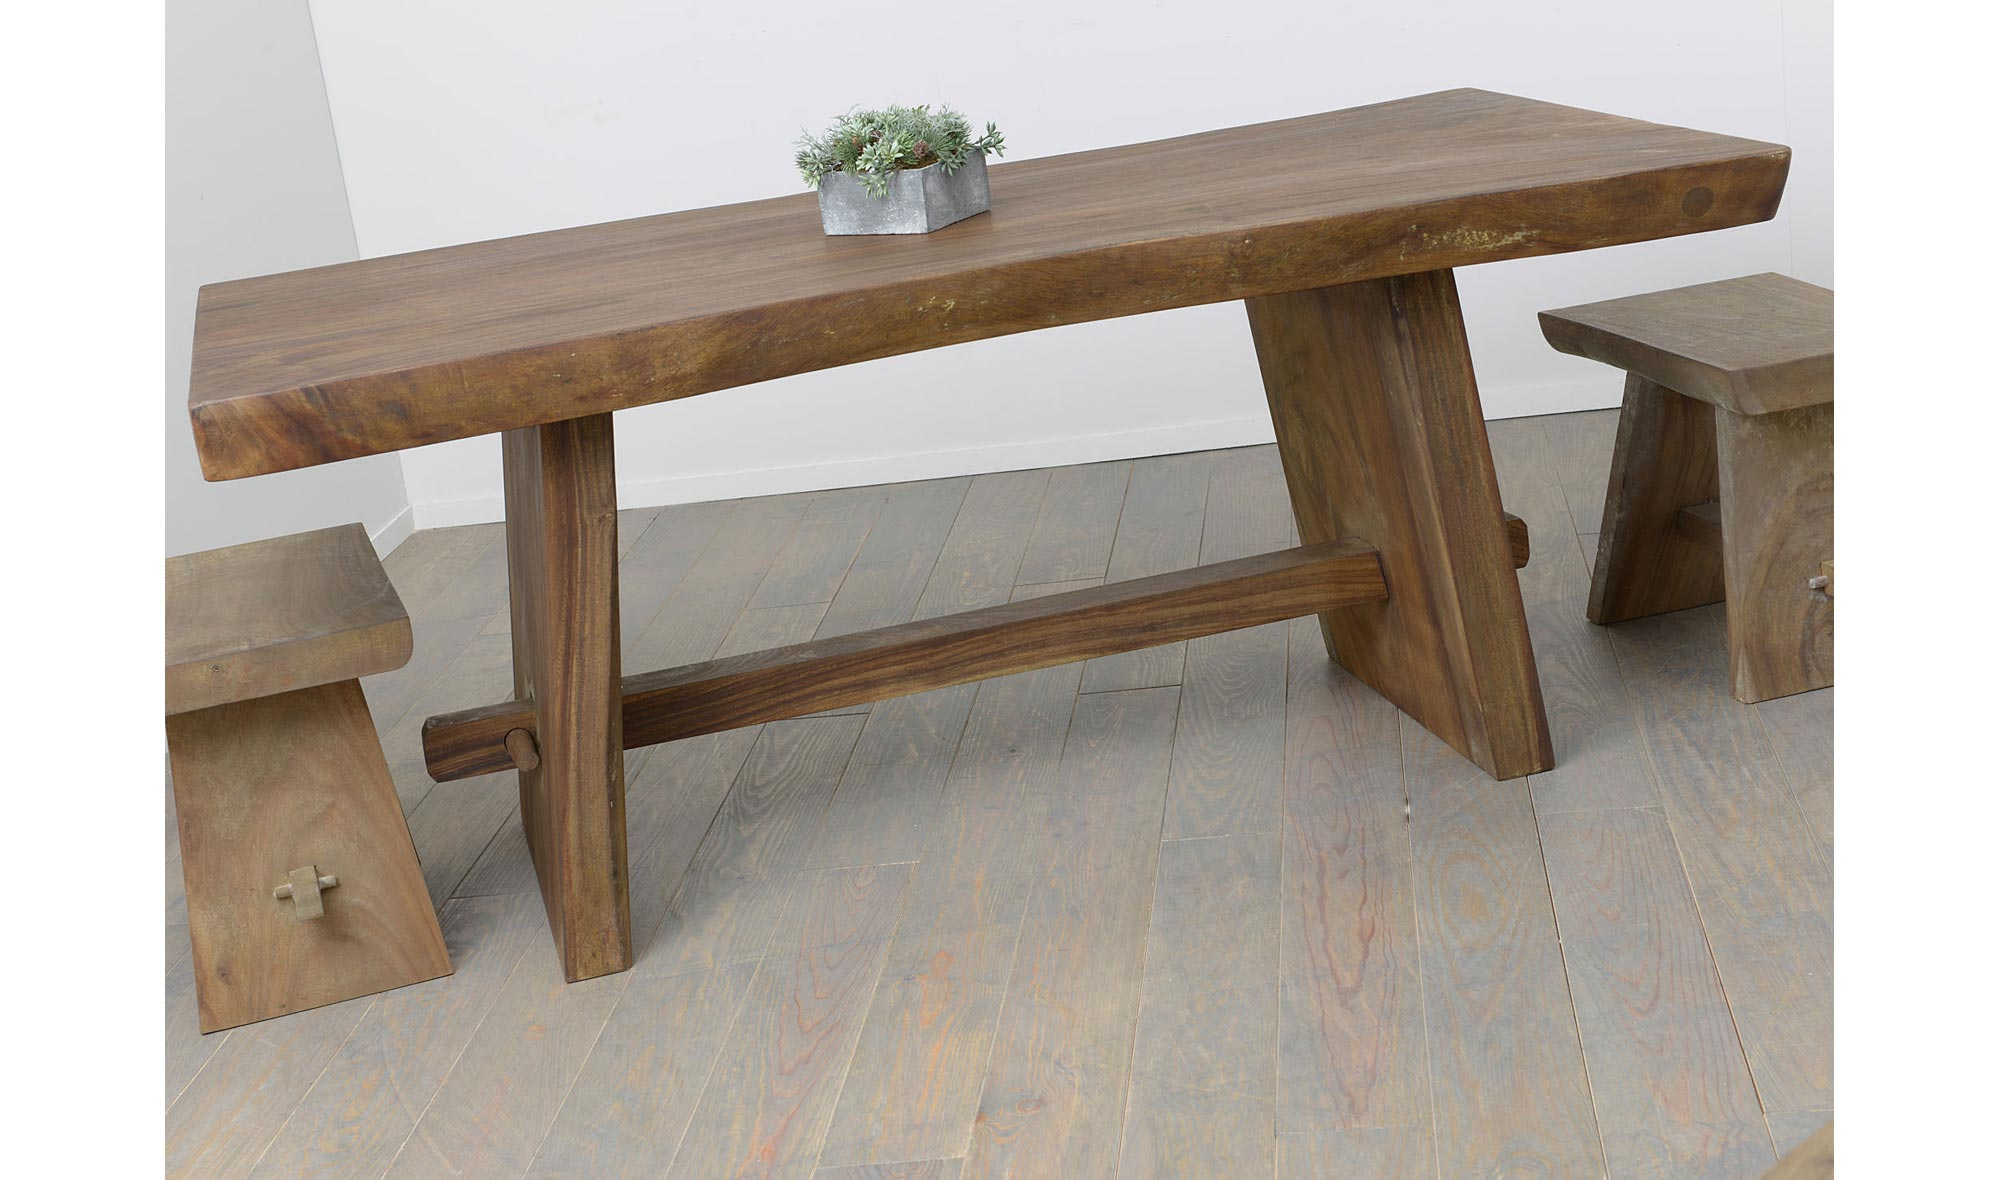 Mesas troncos19 for Mesas hechas con puertas de madera